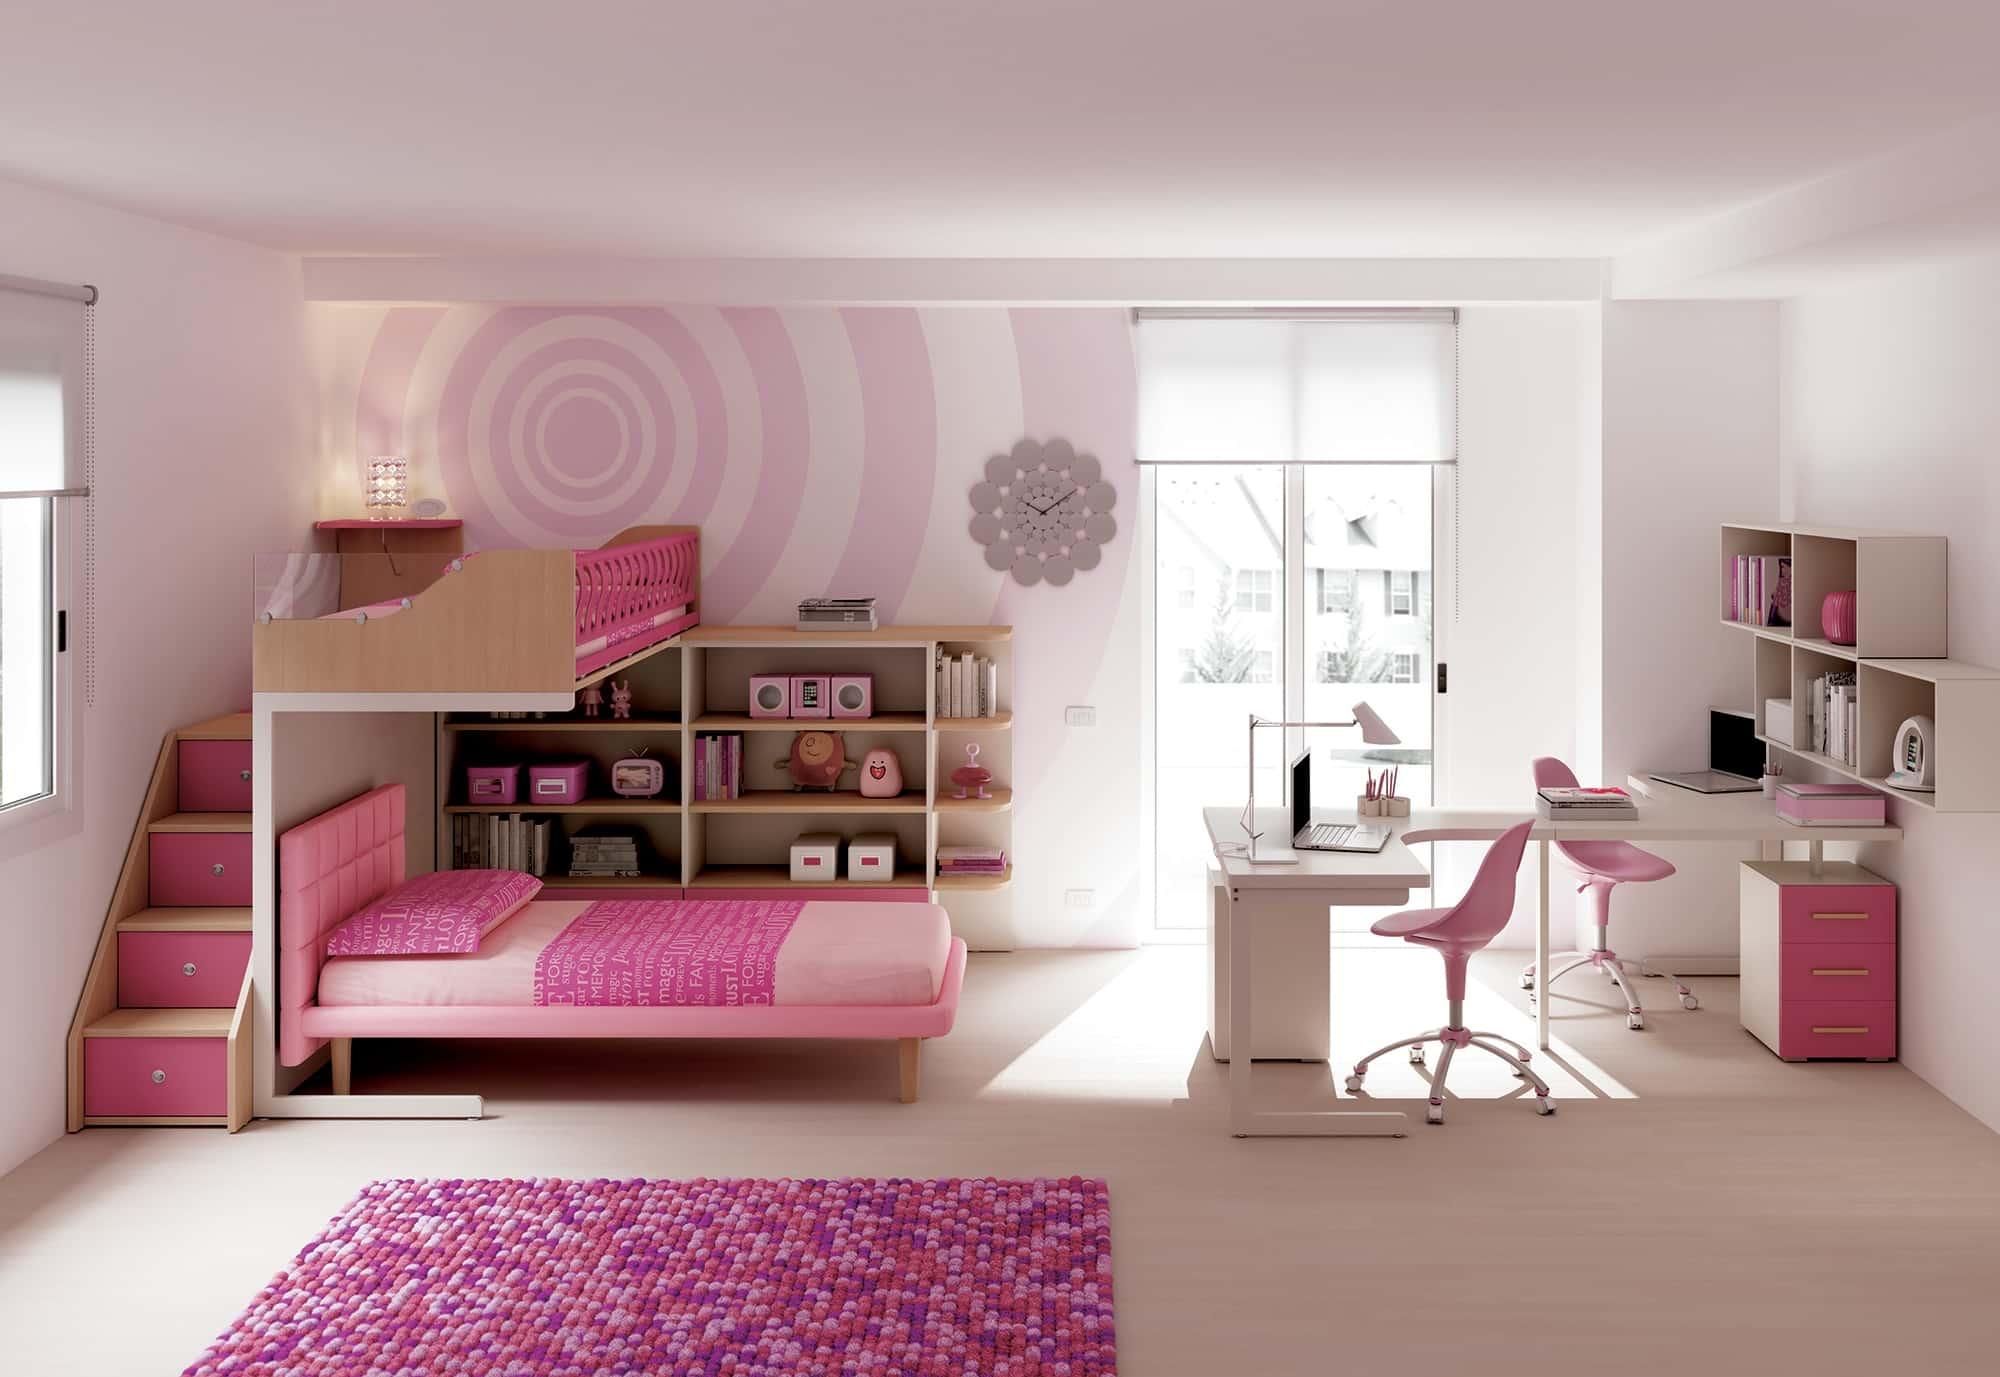 c est la rentr e pensez changer le lit votre d enfant c mon web. Black Bedroom Furniture Sets. Home Design Ideas